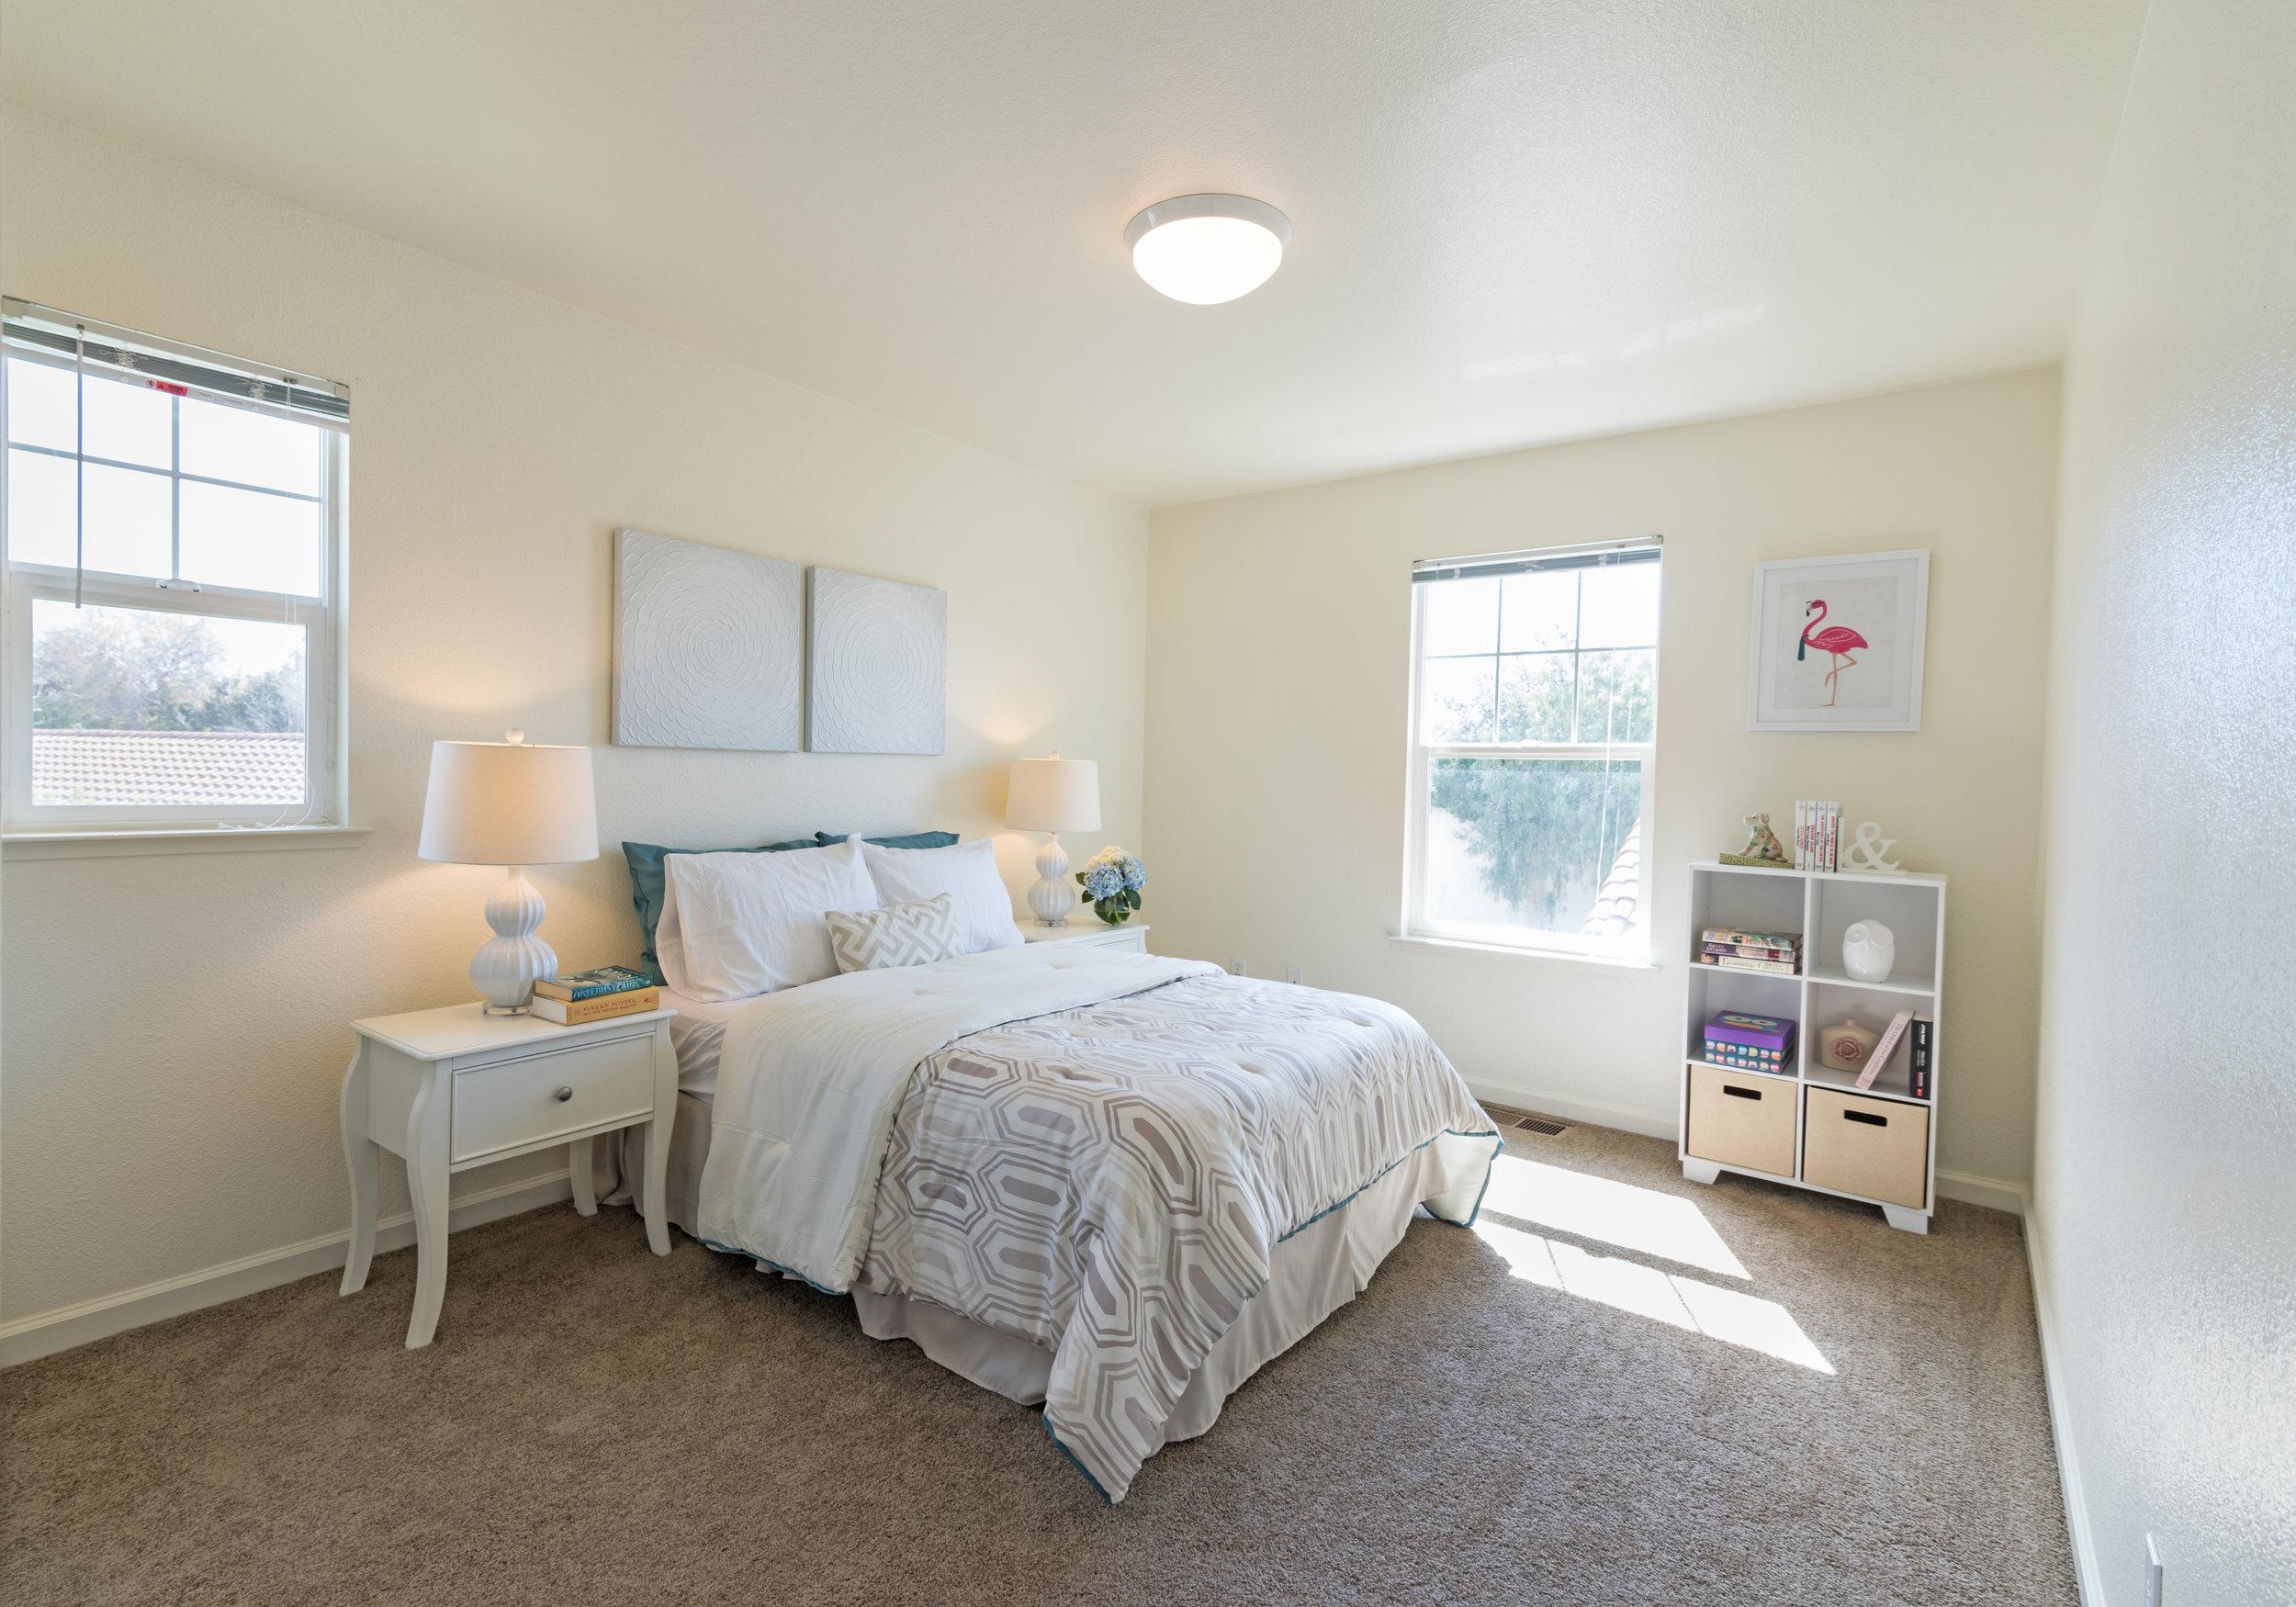 Second Bedroom in Rental Home